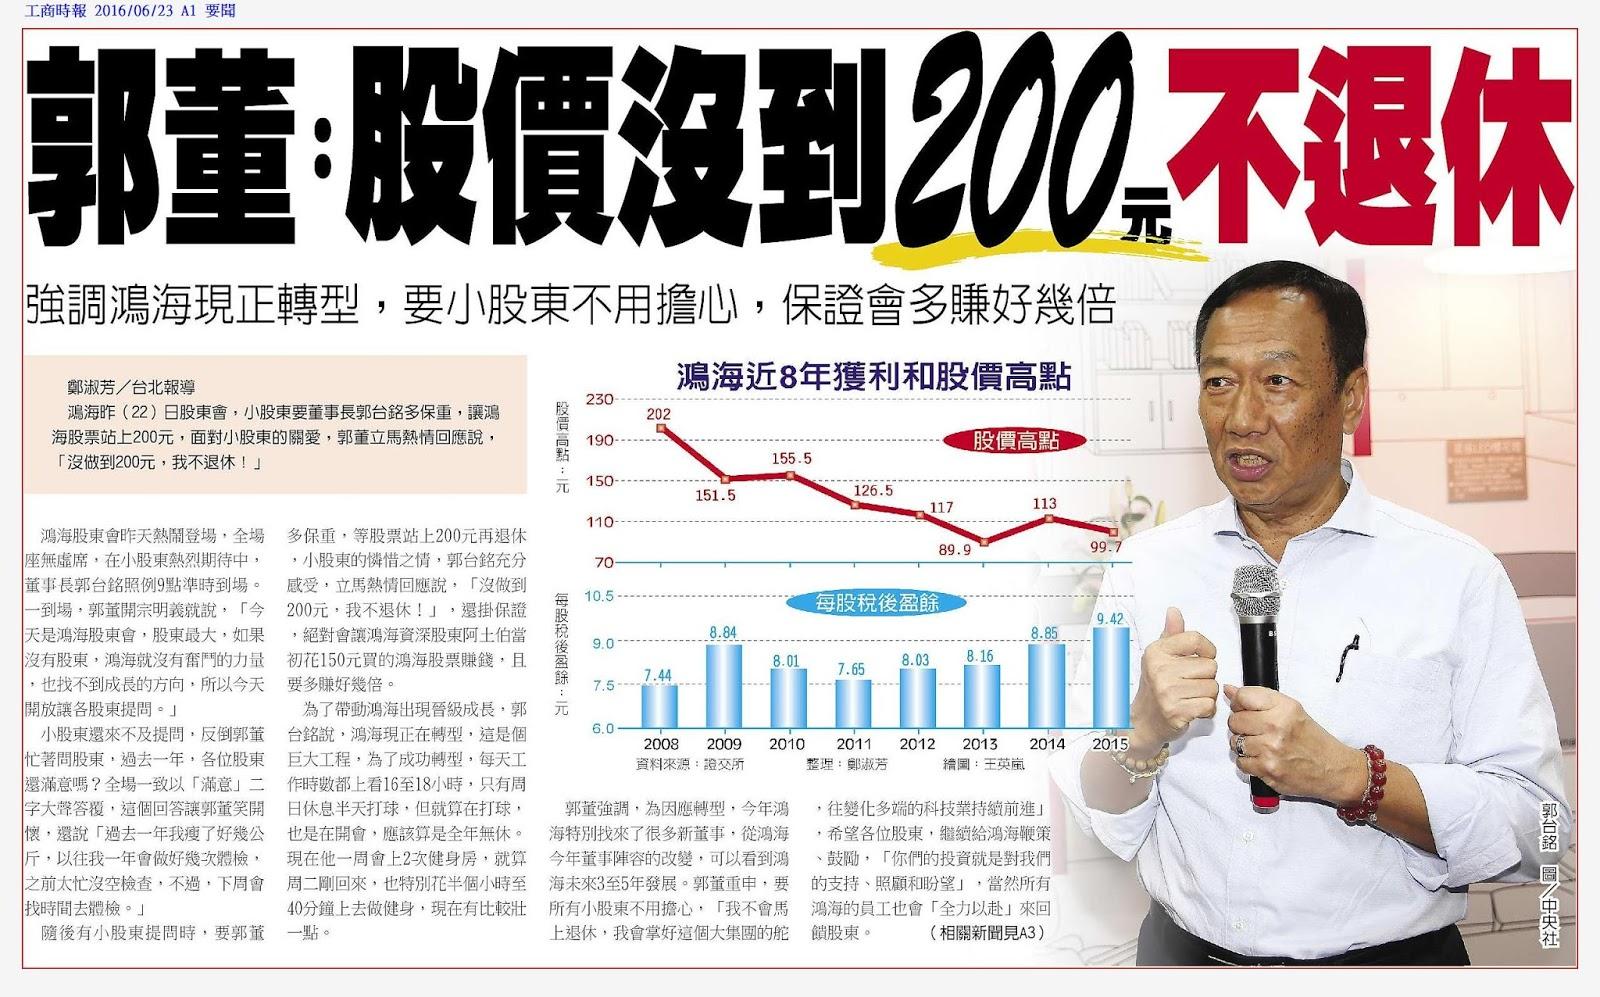 輕易豐盛學苑: 郭董:股價沒到 200元不退休